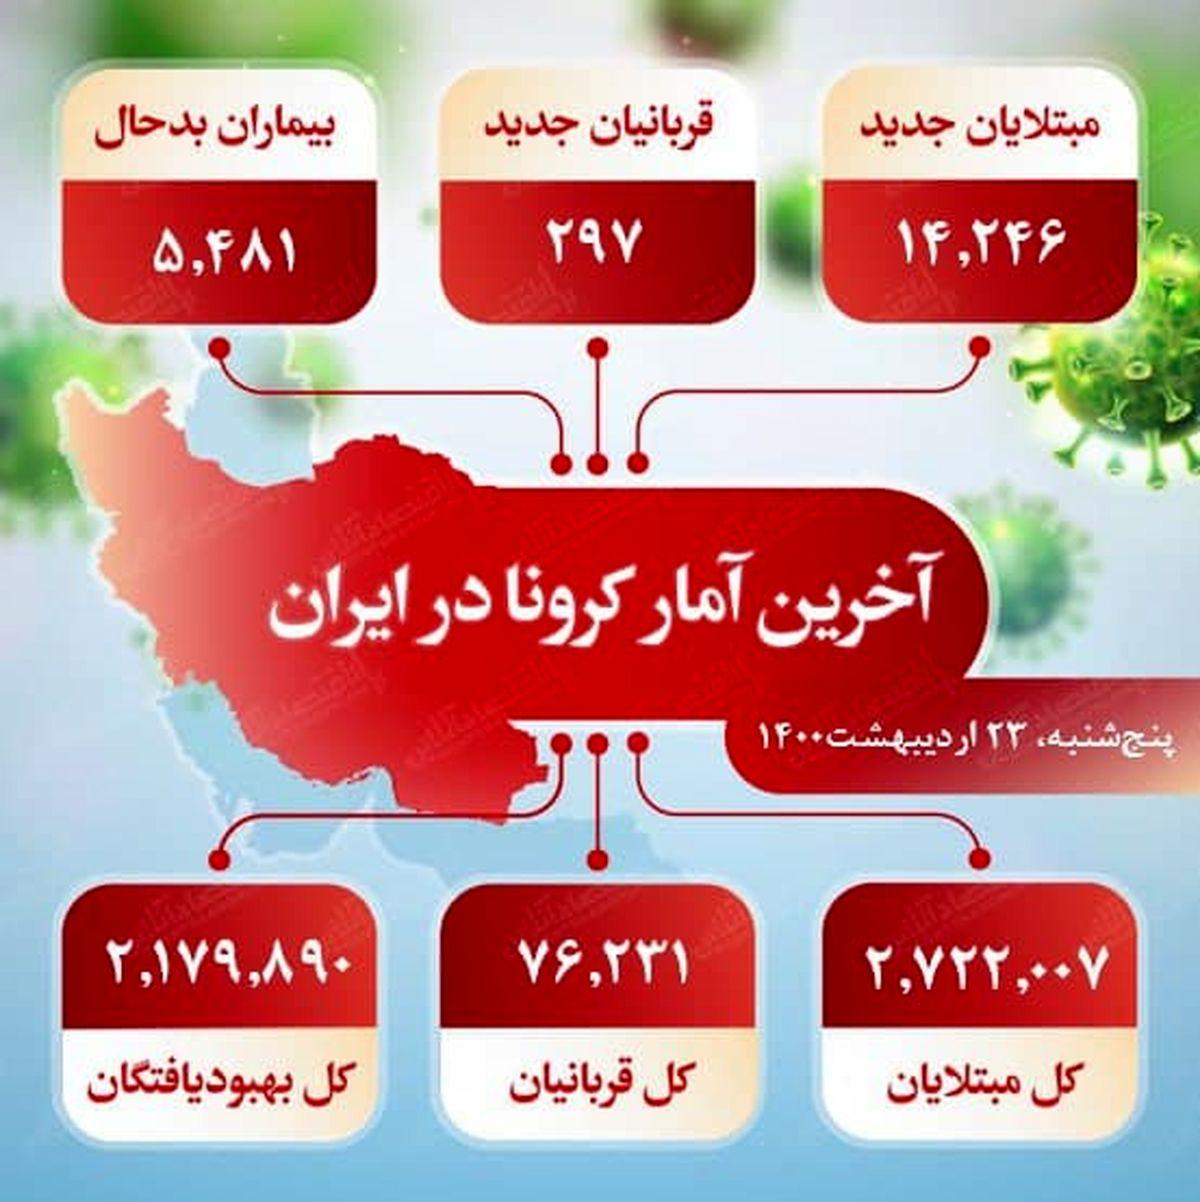 آخرین آمار کرونا در ایران (۱۴۰۰/۲/۲۳)